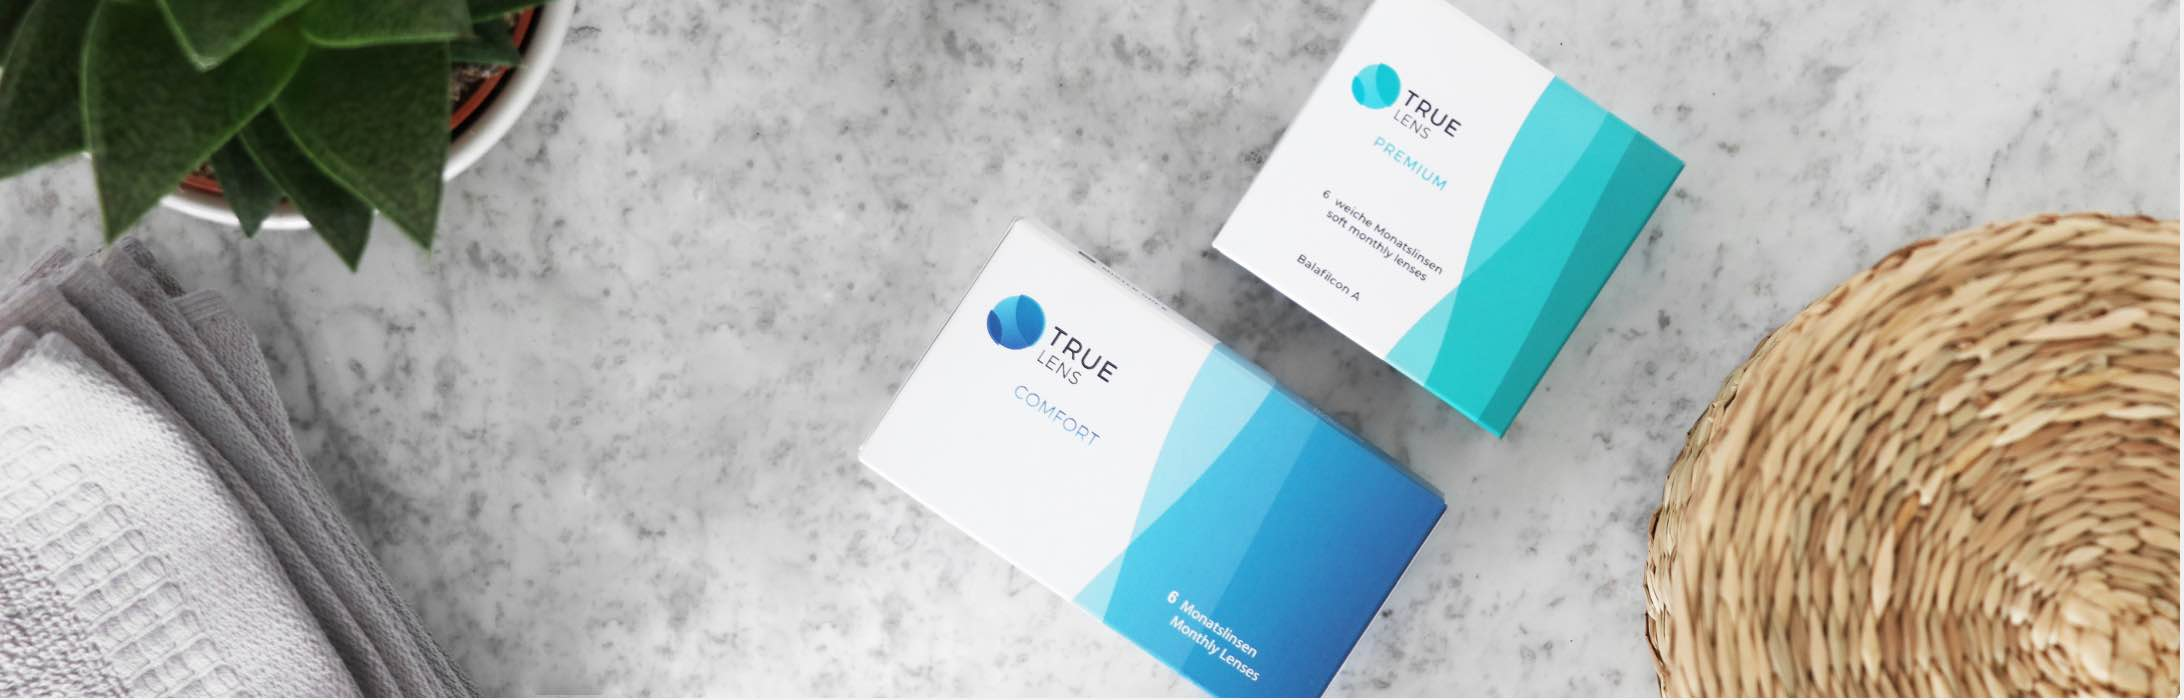 TrueLens - kuukausilinssit